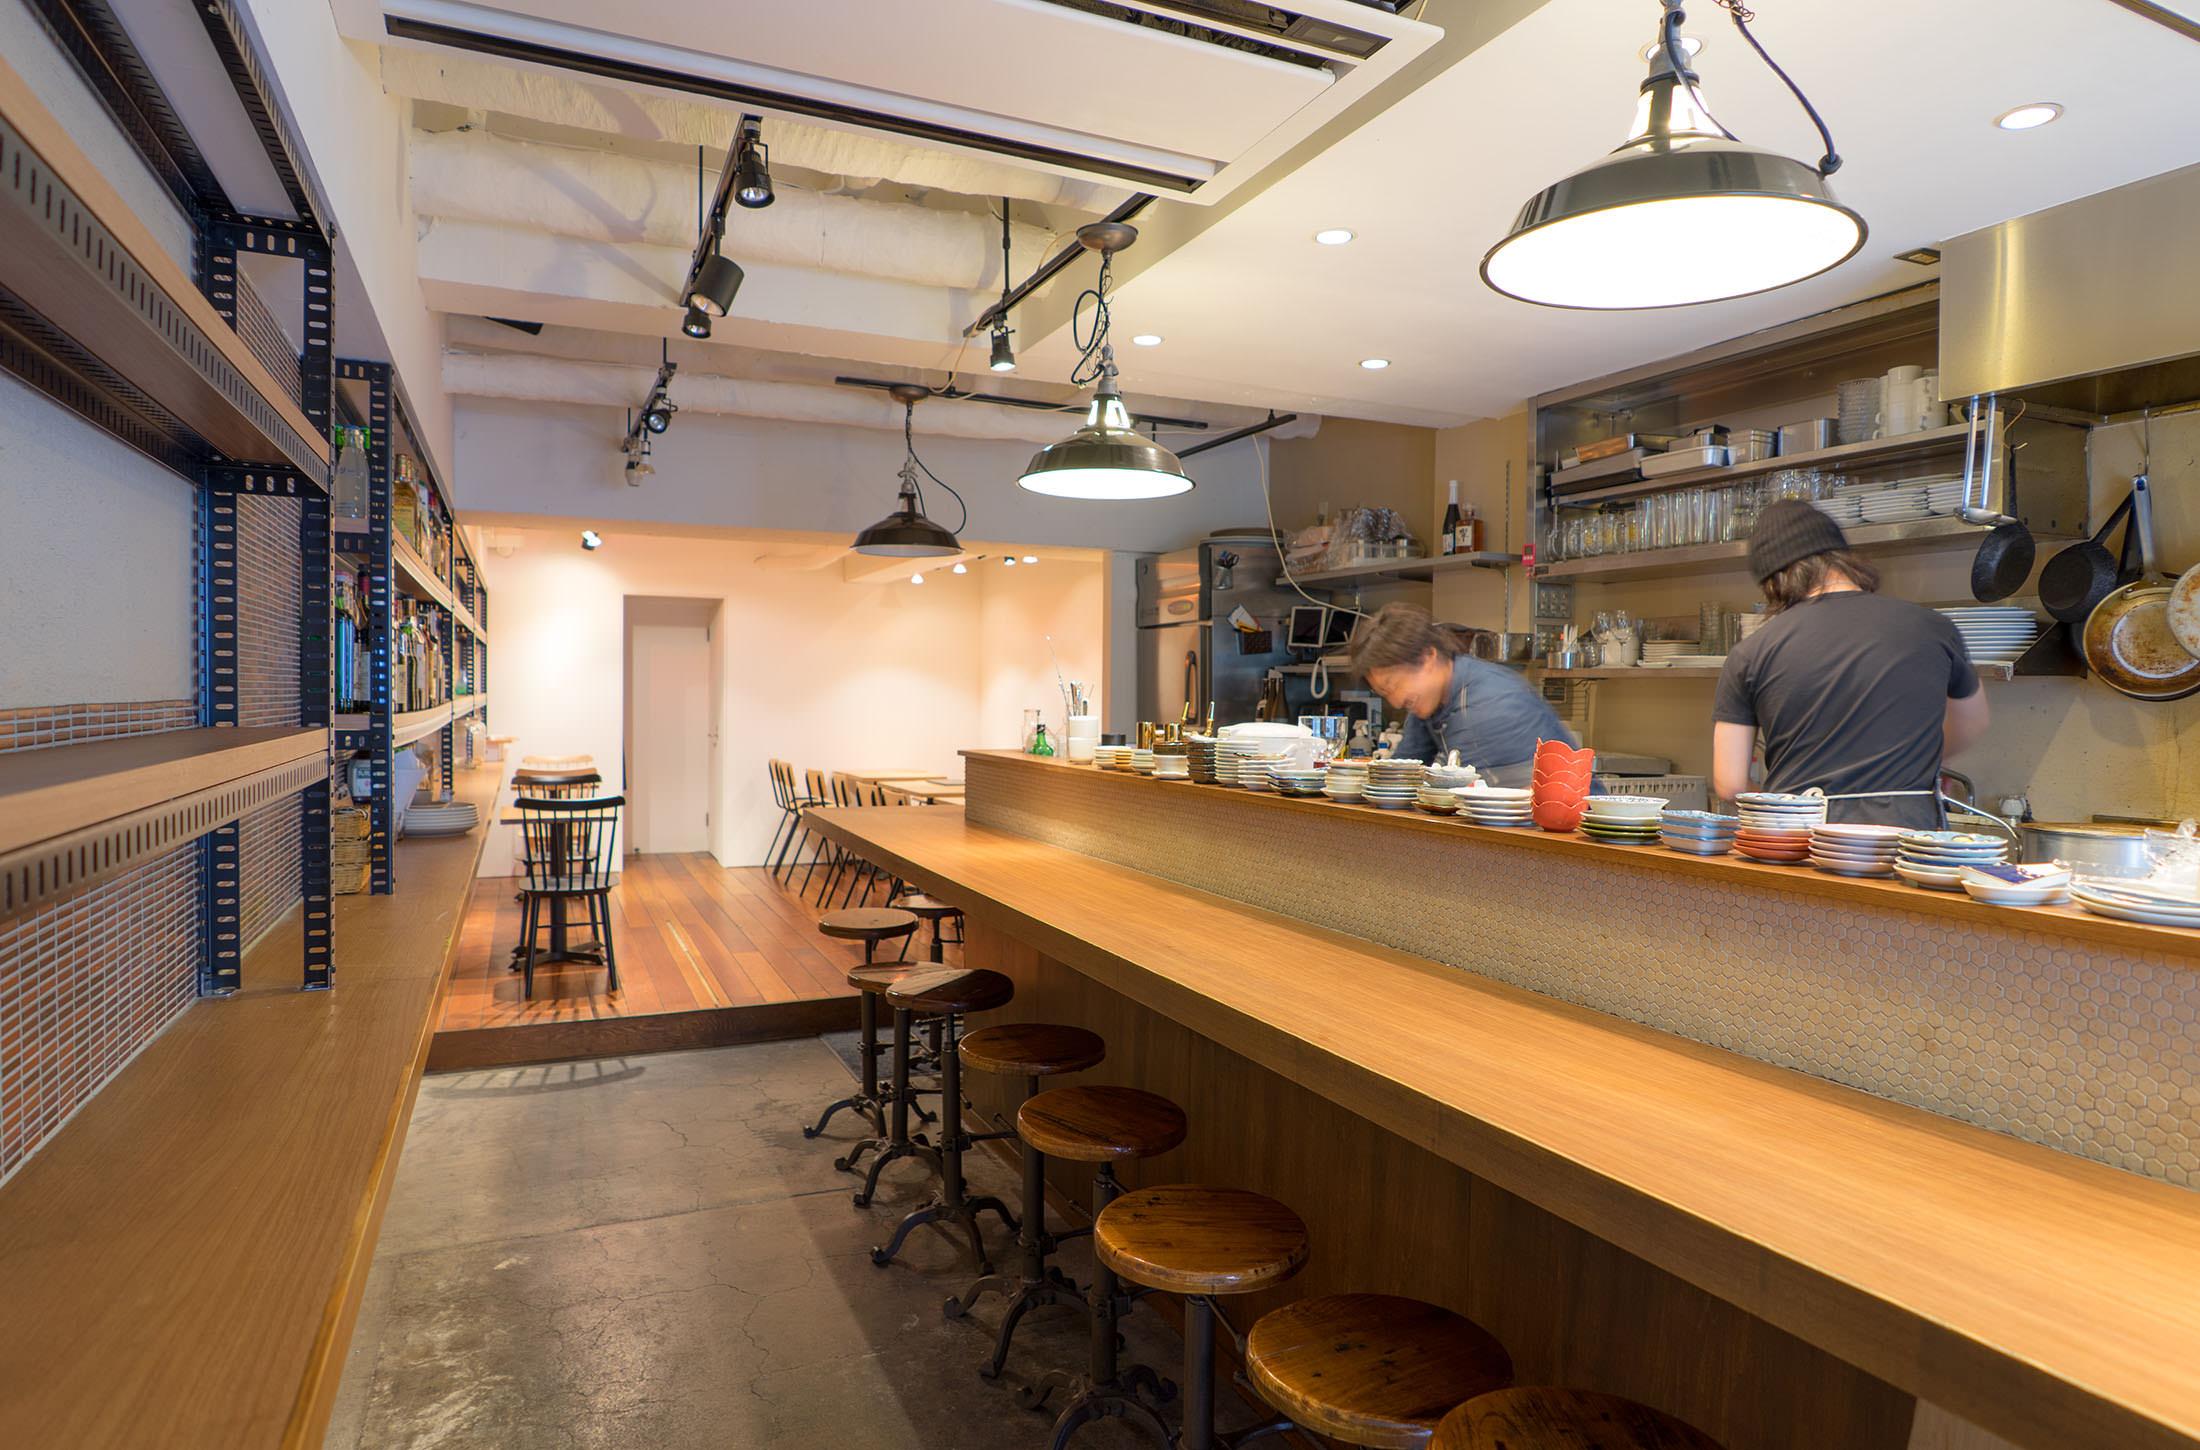 レンタル撮影スタジオのシーン: レストラン・飲食店